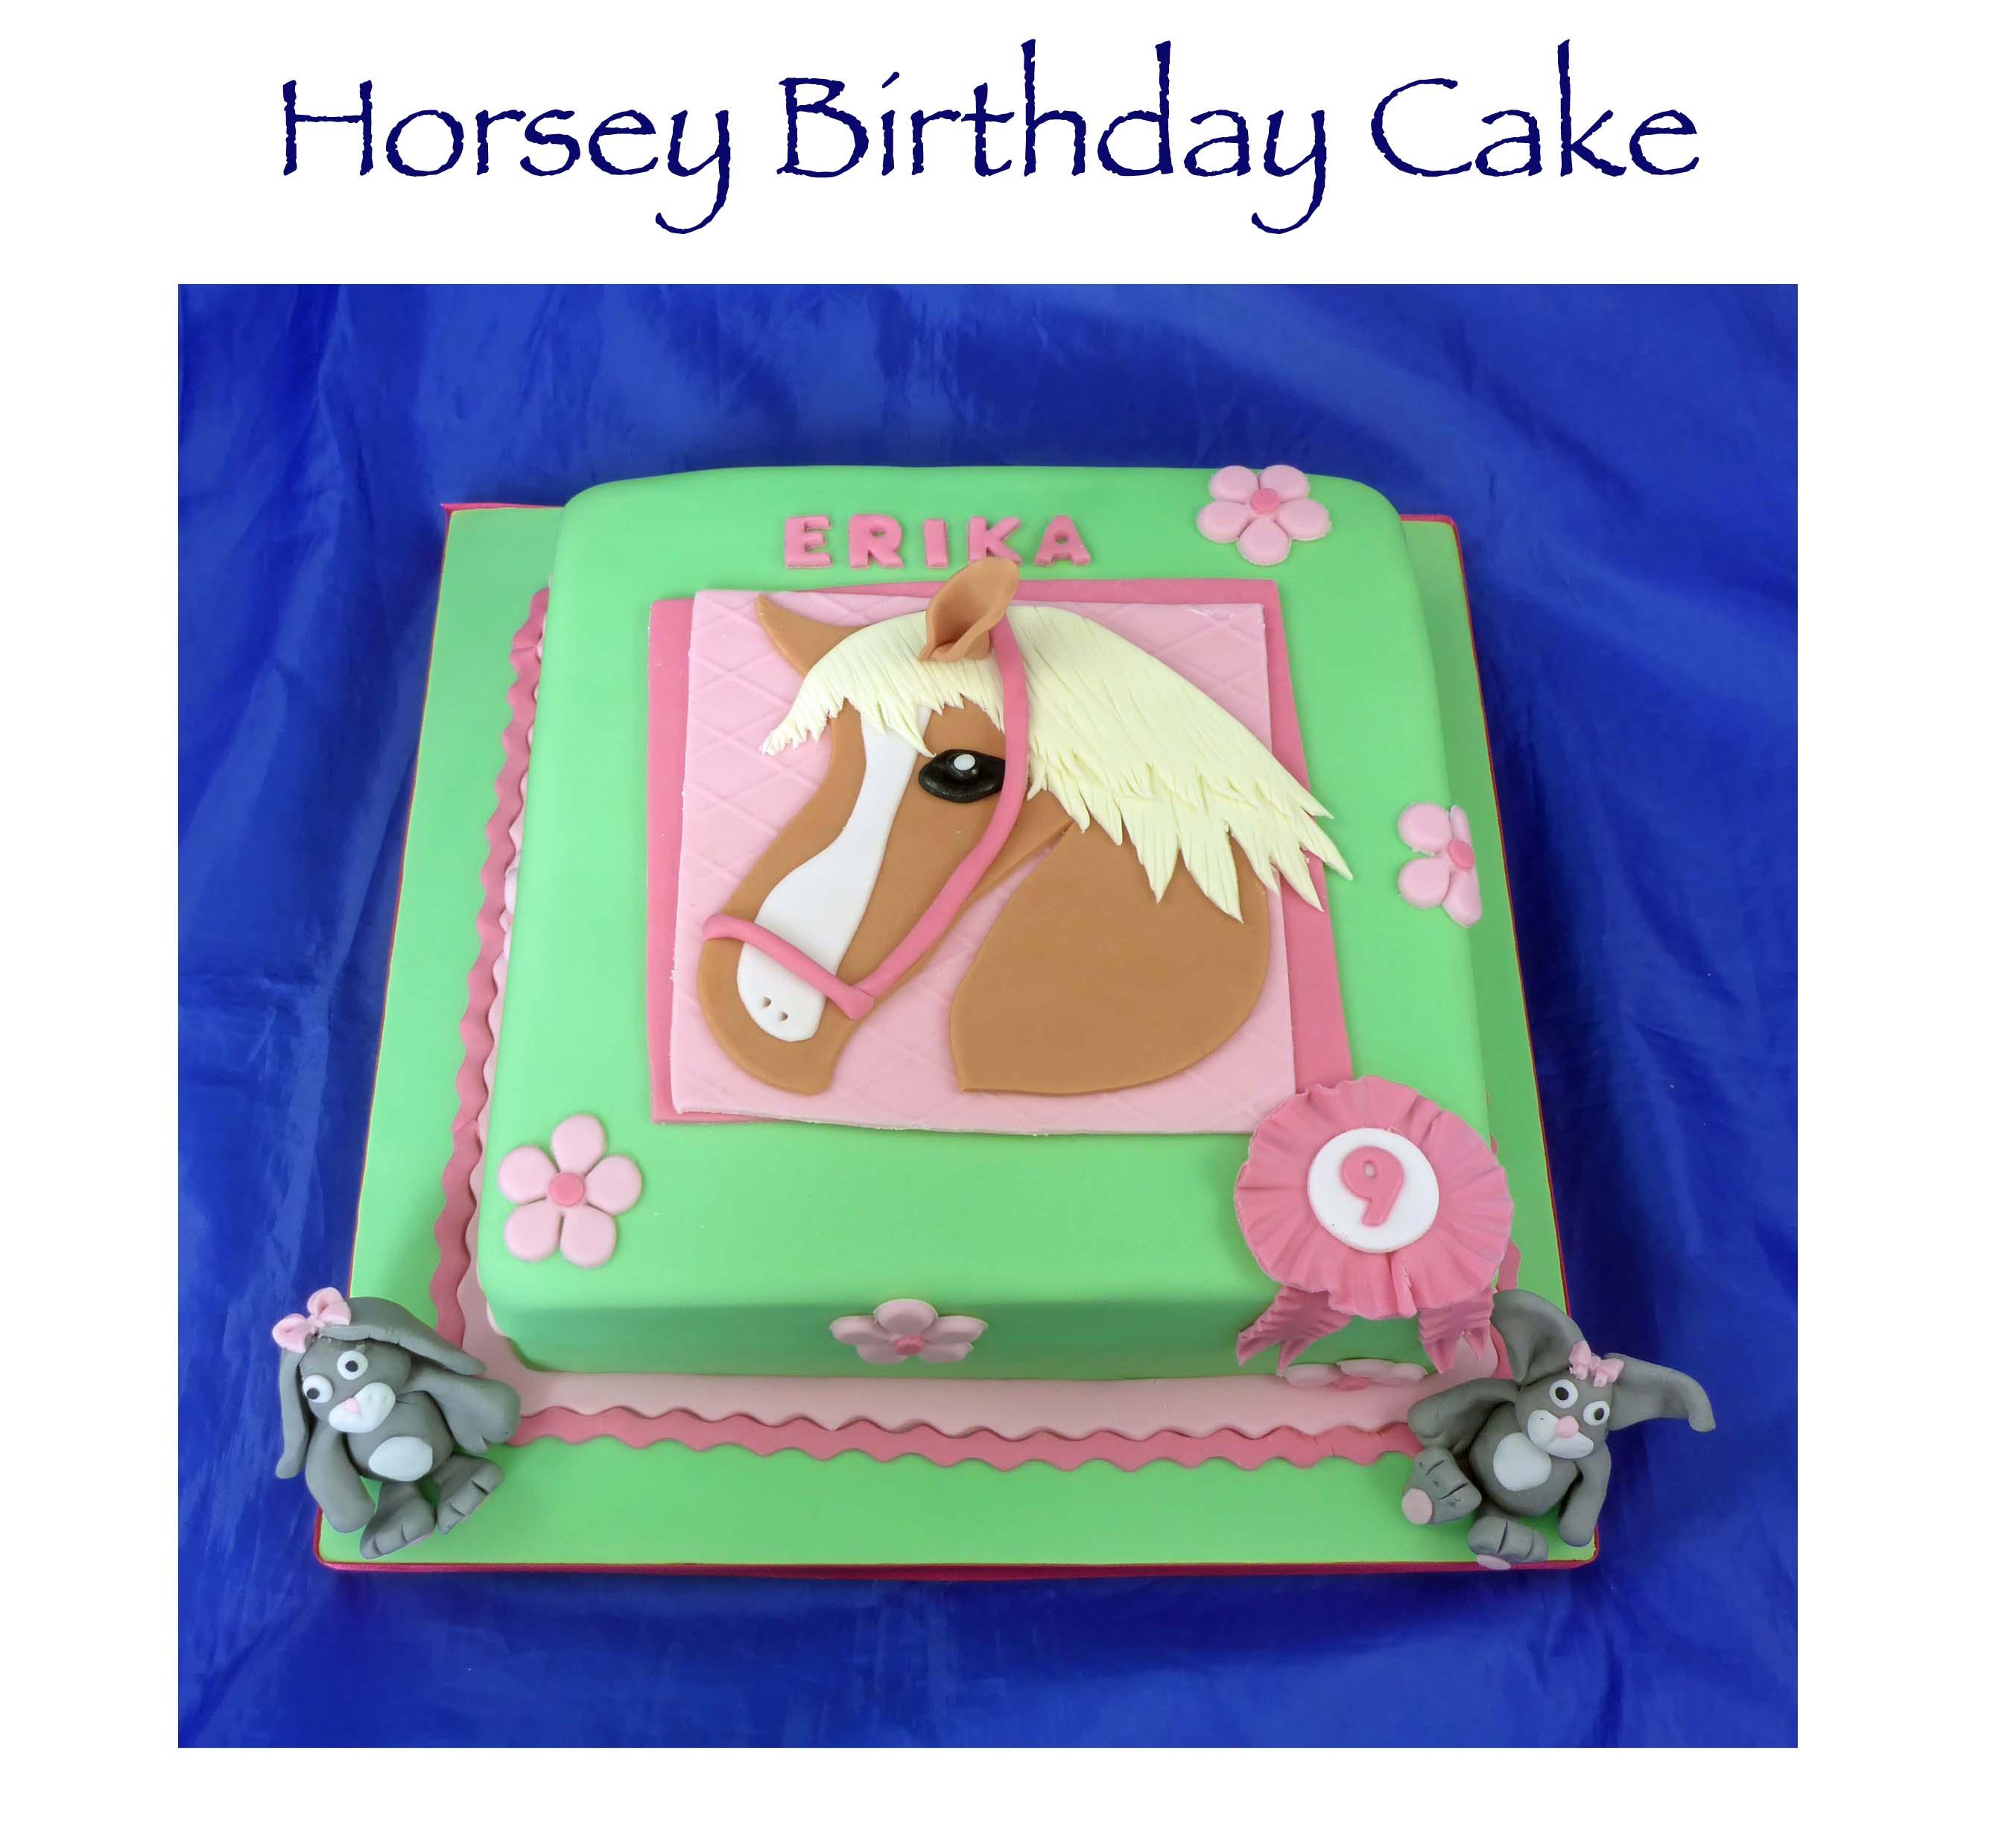 Horsey Birthday Cake